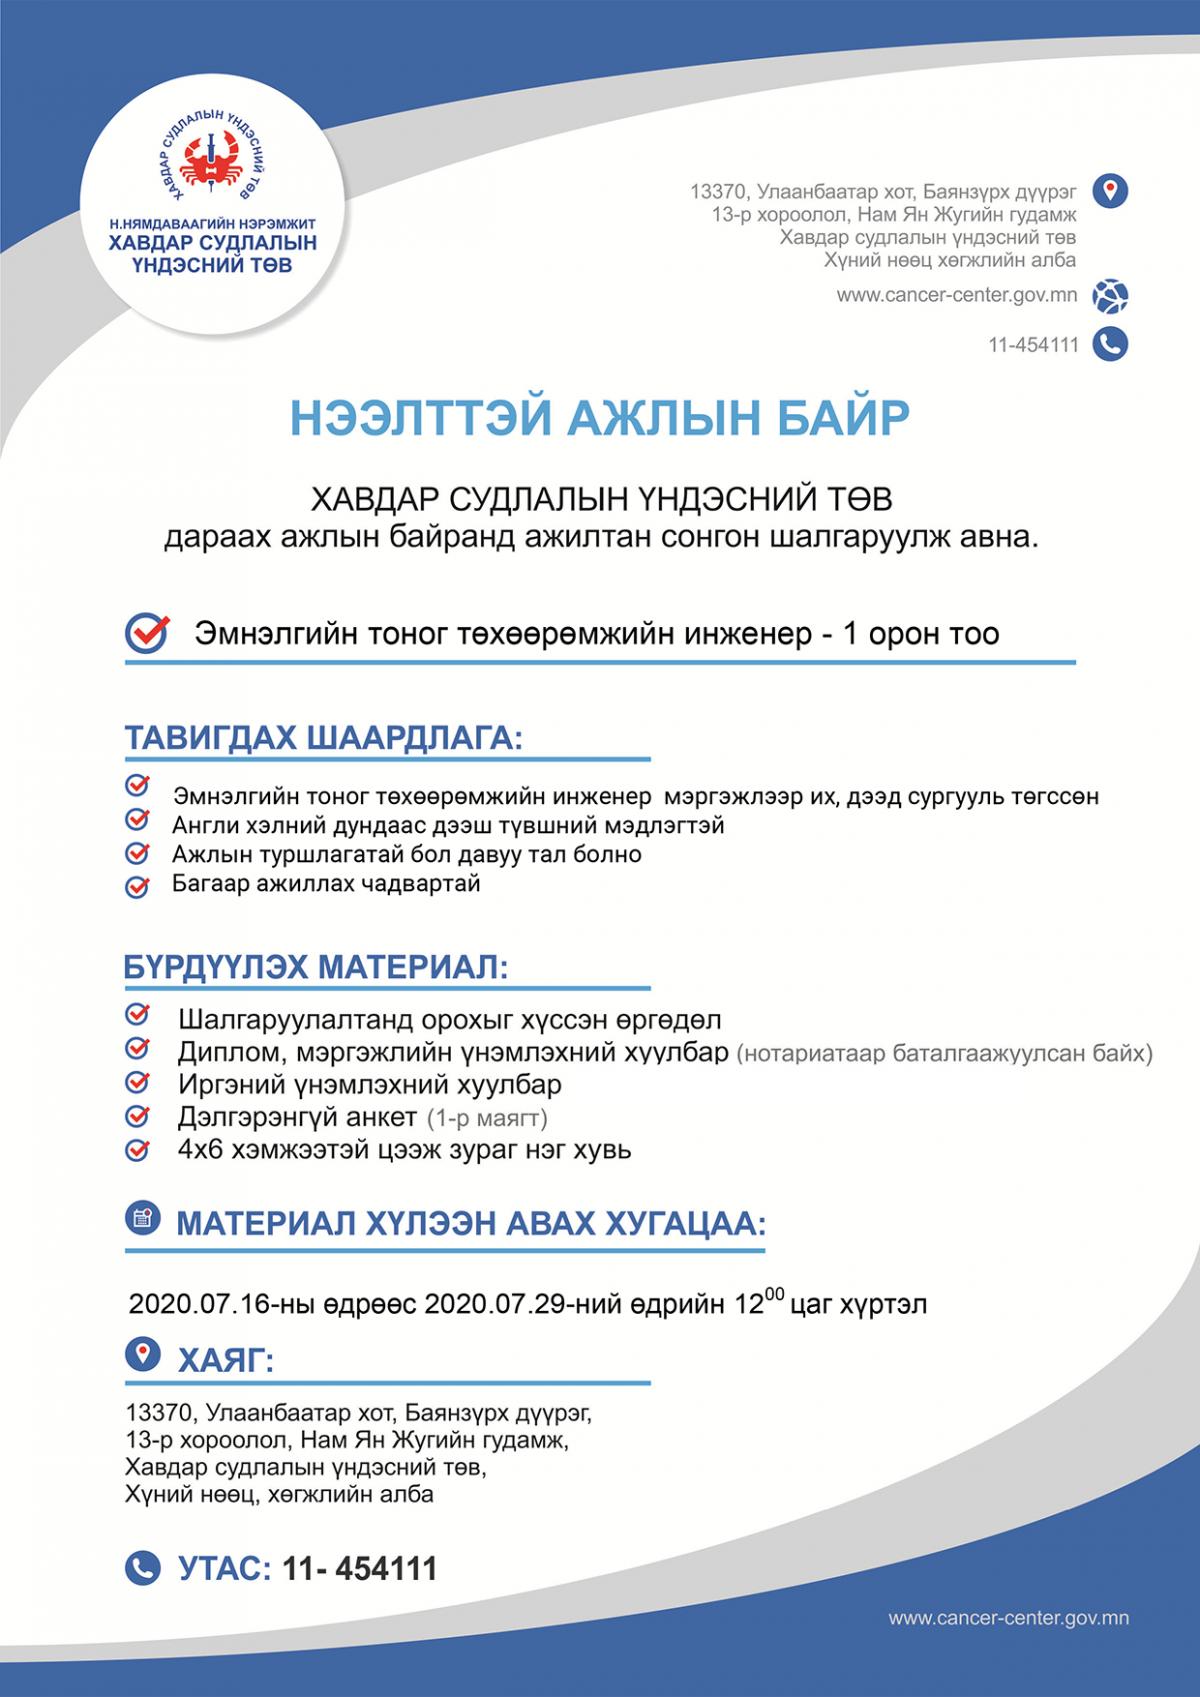 zar-3-copy-1200x1697.png